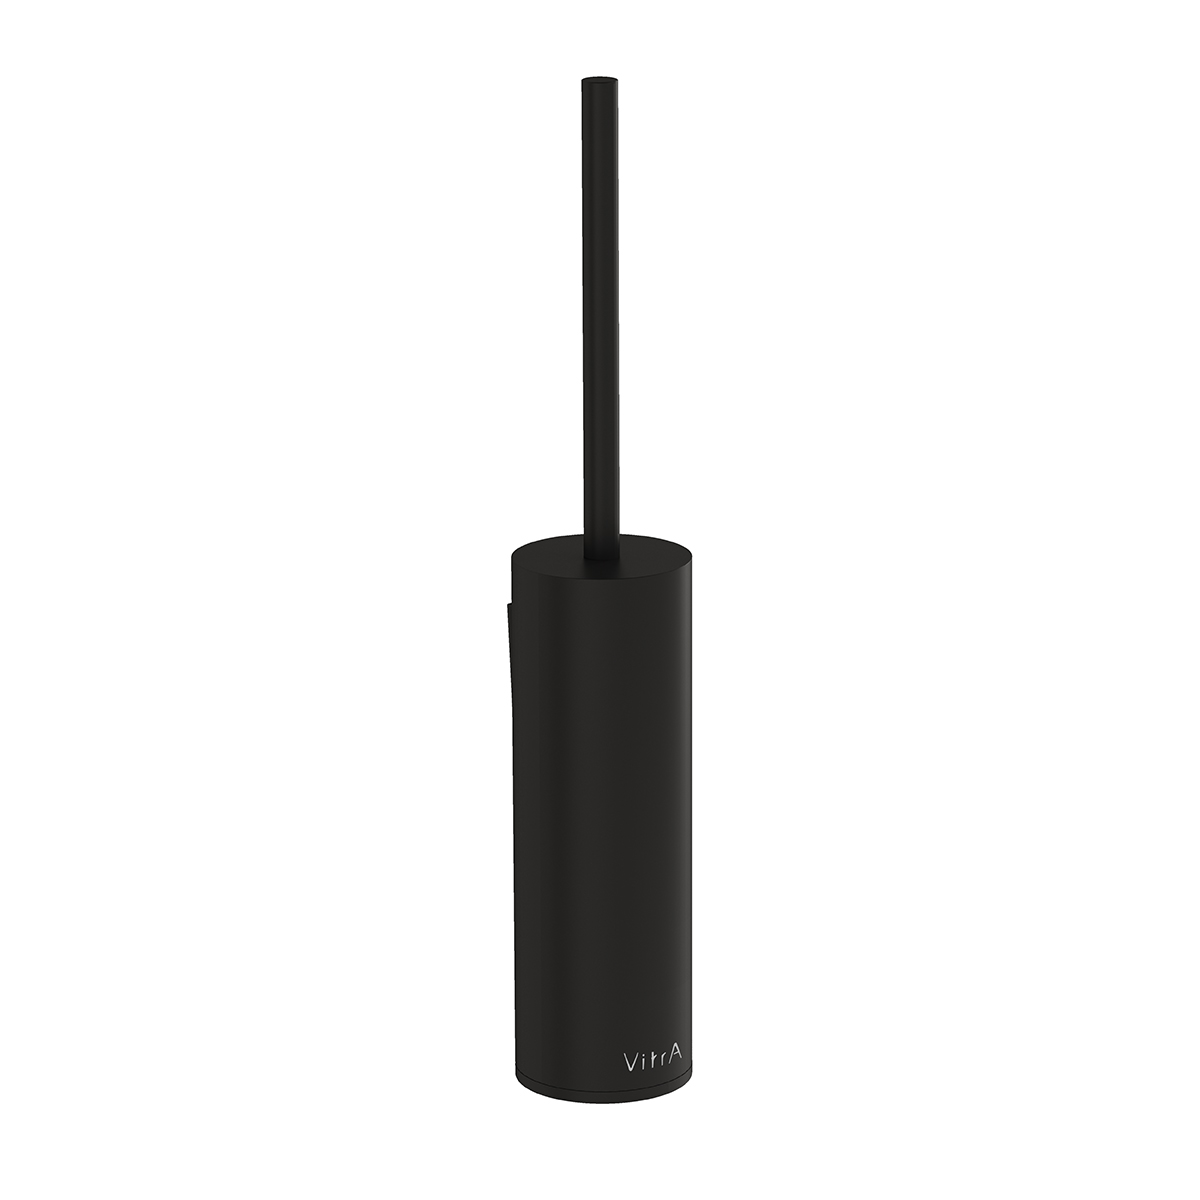 Origin WC-Bürstengarnitur bodenstehend, Ø 70 mm, Schwarz Matt